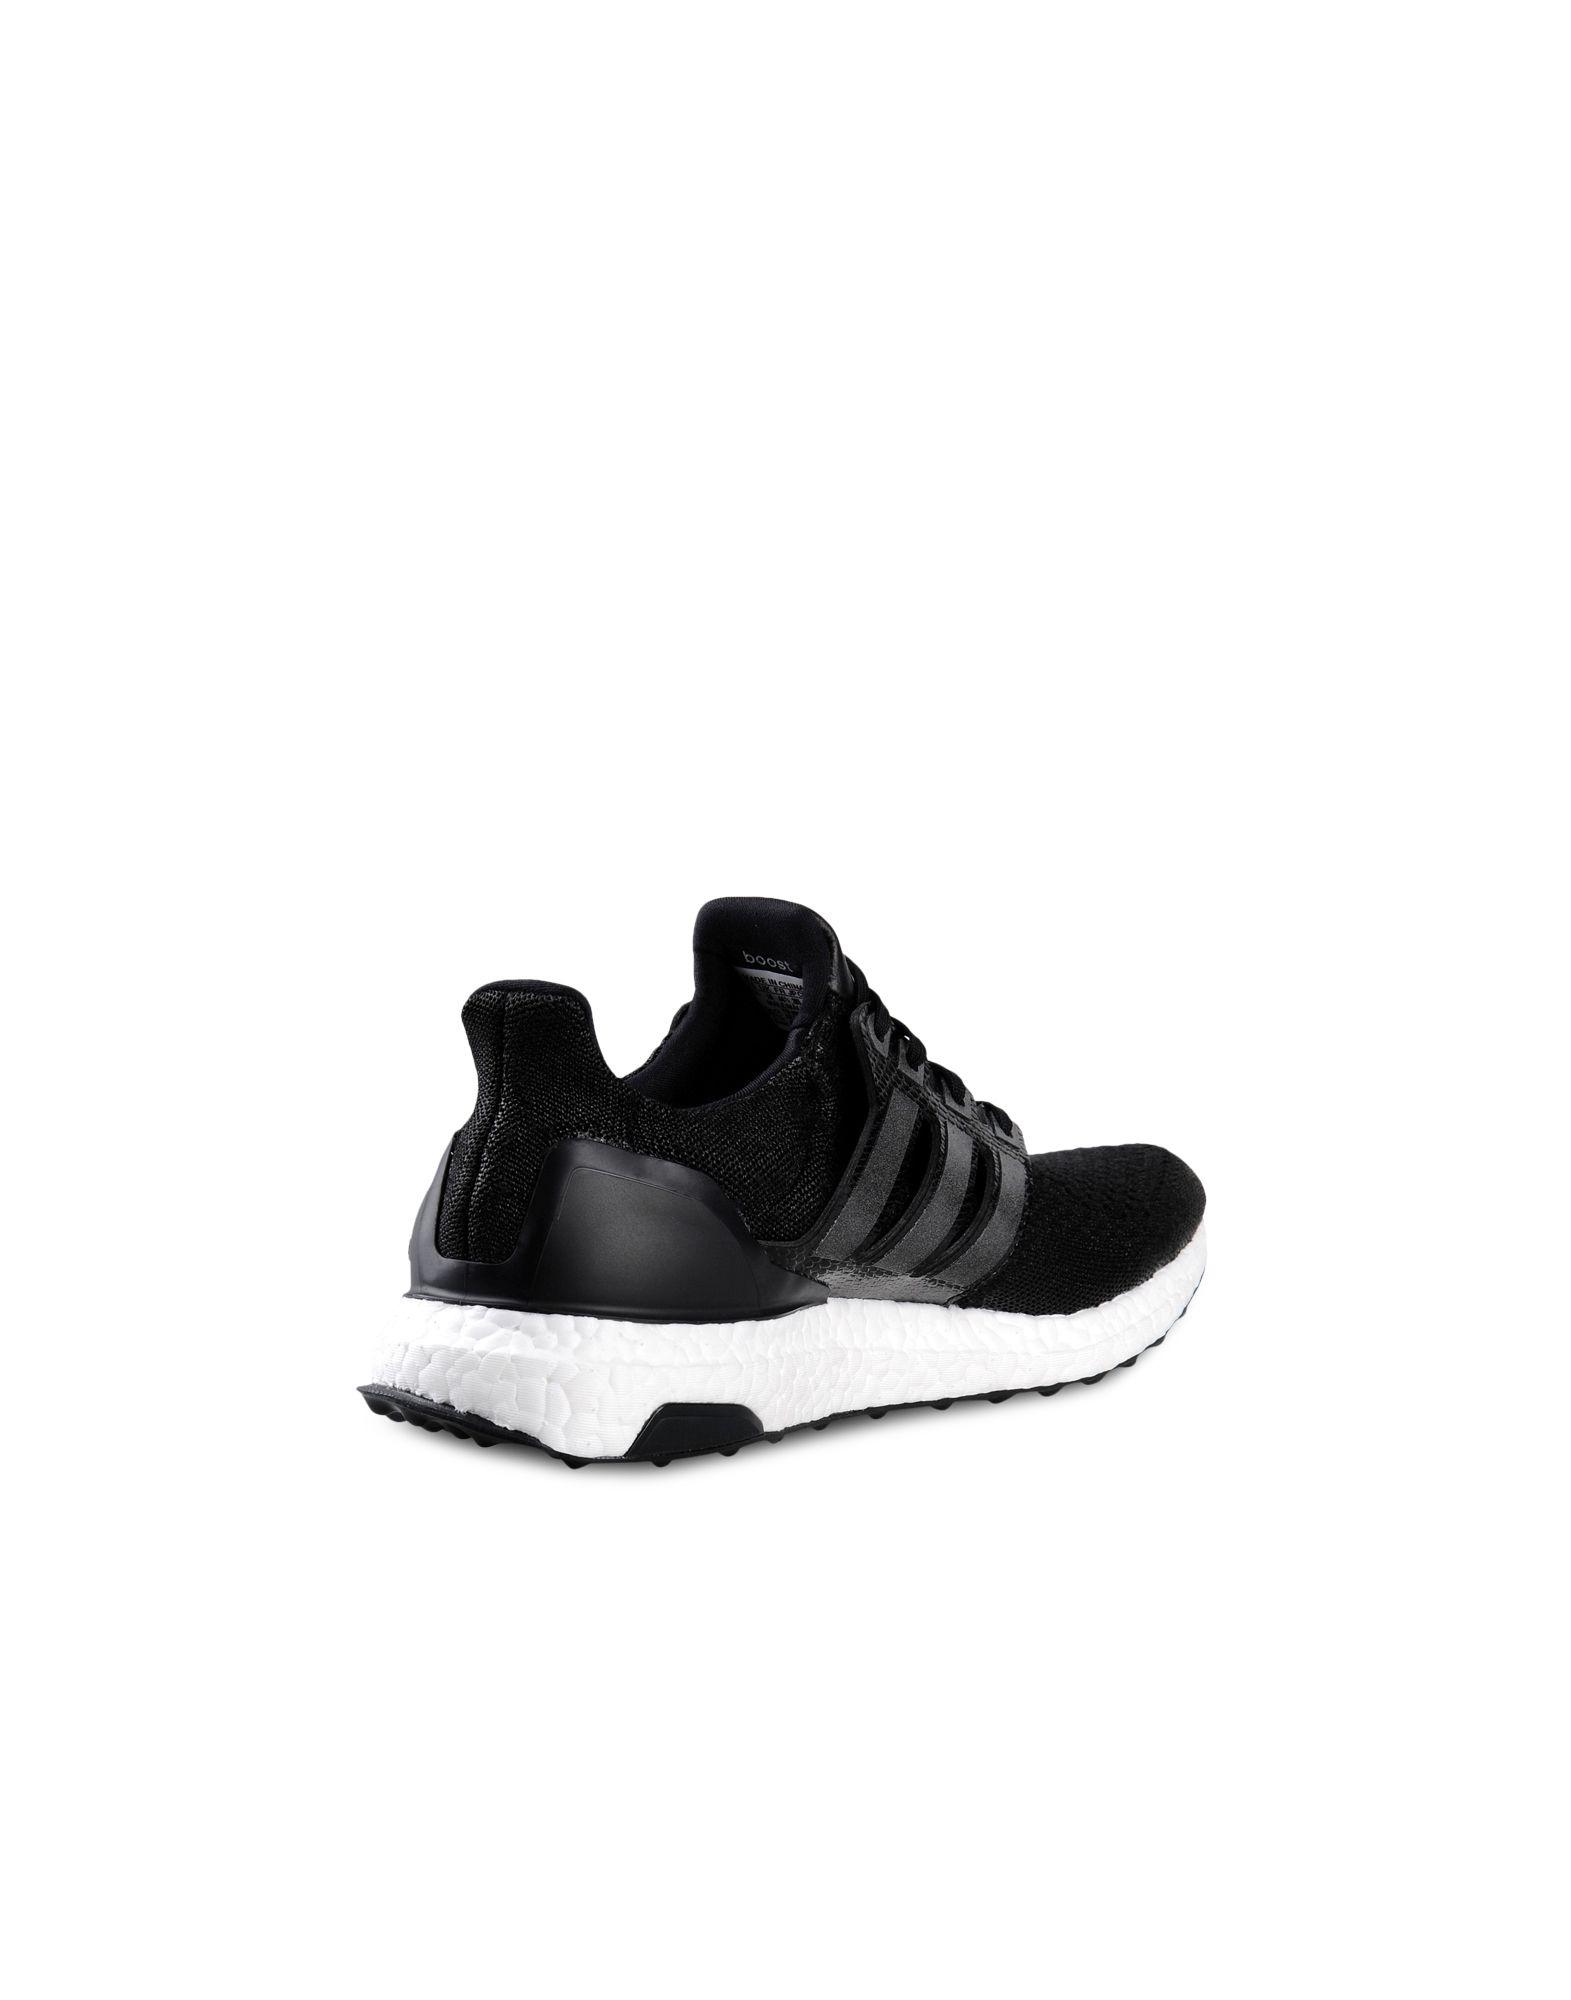 Adidas Ultra Boost J